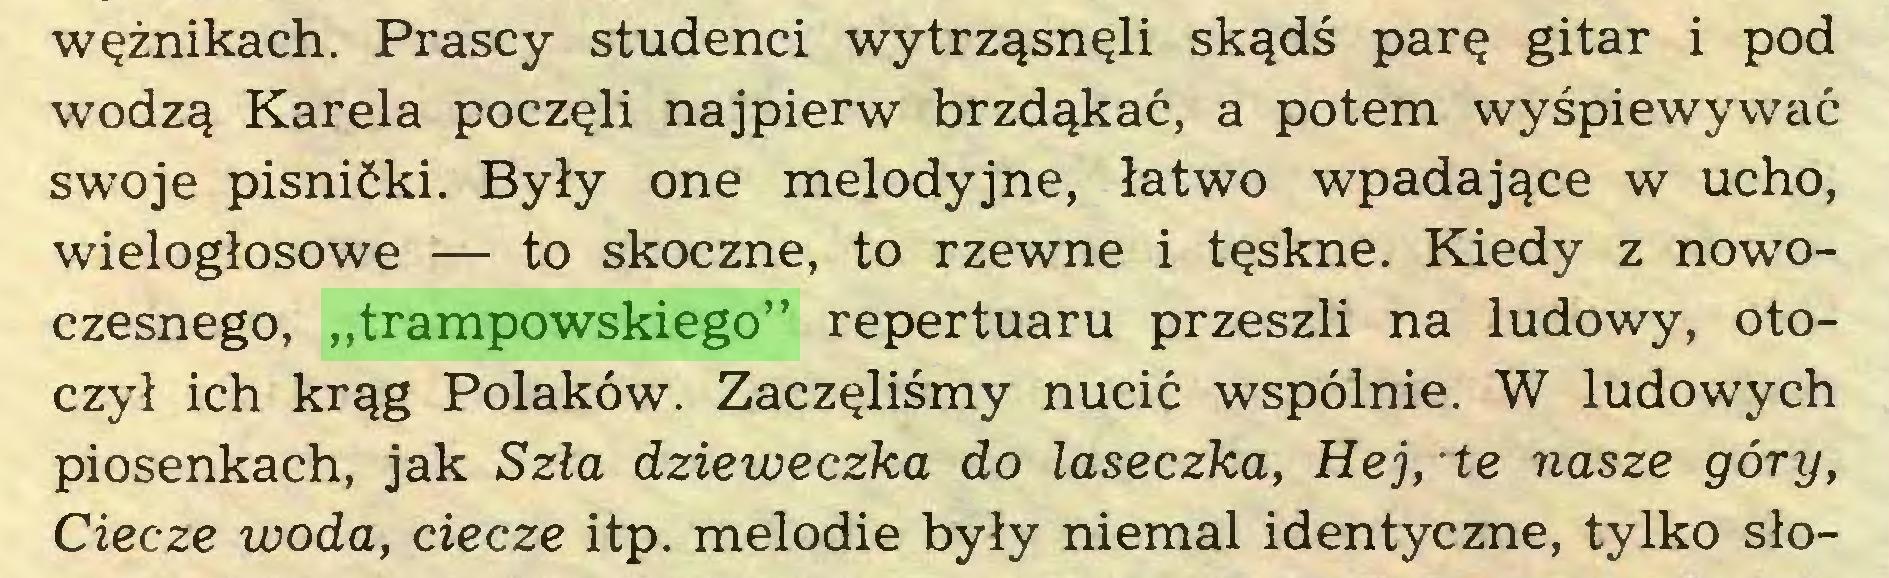 """(...) wężnikach. Prascy studenci wytrząsnęli skądś parę gitar i pod wodzą Karela poczęli najpierw brzdąkać, a potem wyśpiewywać swoje pisnićki. Były one melodyjne, łatwo wpadające w ucho, wielogłosowe — to skoczne, to rzewne i tęskne. Kiedy z nowoczesnego, """"trampowskiego"""" repertuaru przeszli na ludowy, otoczył ich krąg Polaków. Zaczęliśmy nucić wspólnie. W ludowych piosenkach, jak Szła dzieweczka do laseczka, Hej, te nasze góry, Ciecze woda, ciecze itp. melodie były niemal identyczne, tylko sło..."""